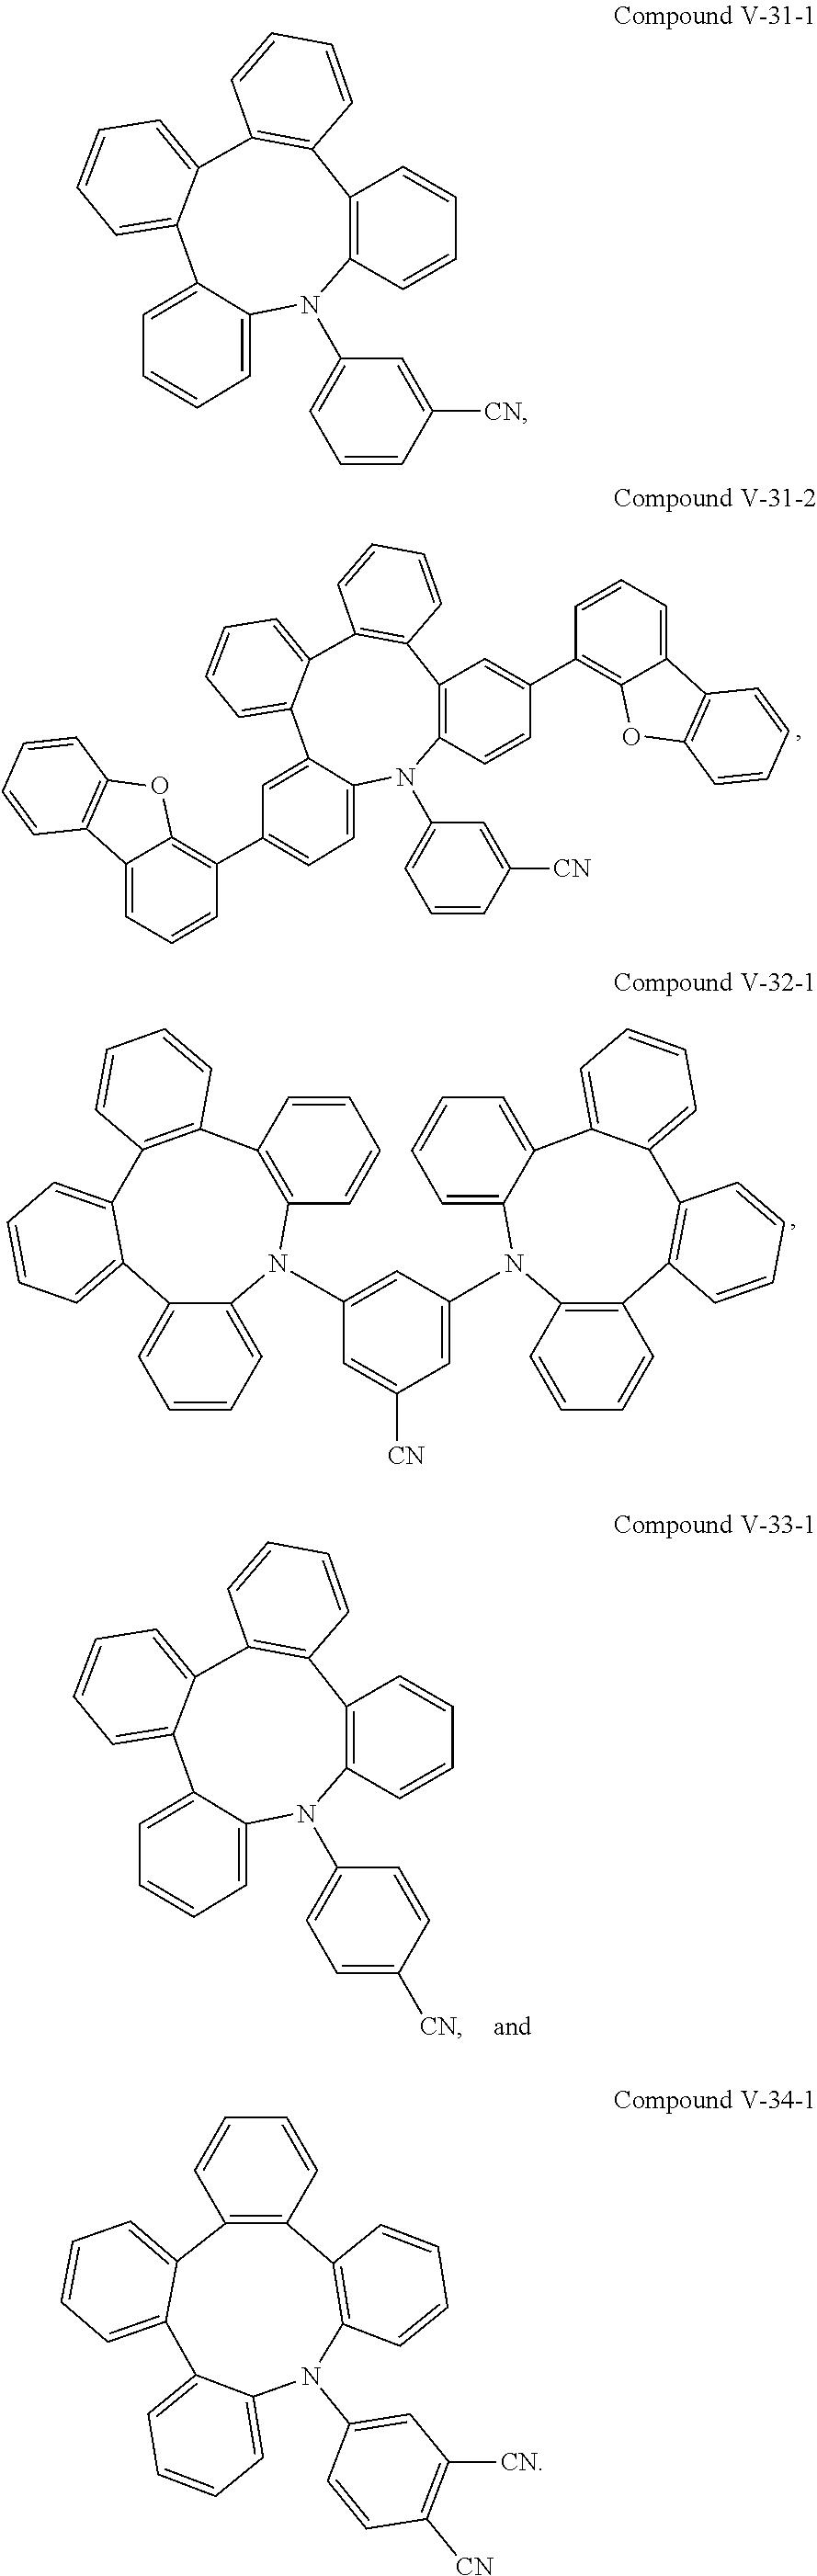 Figure US09978956-20180522-C00026